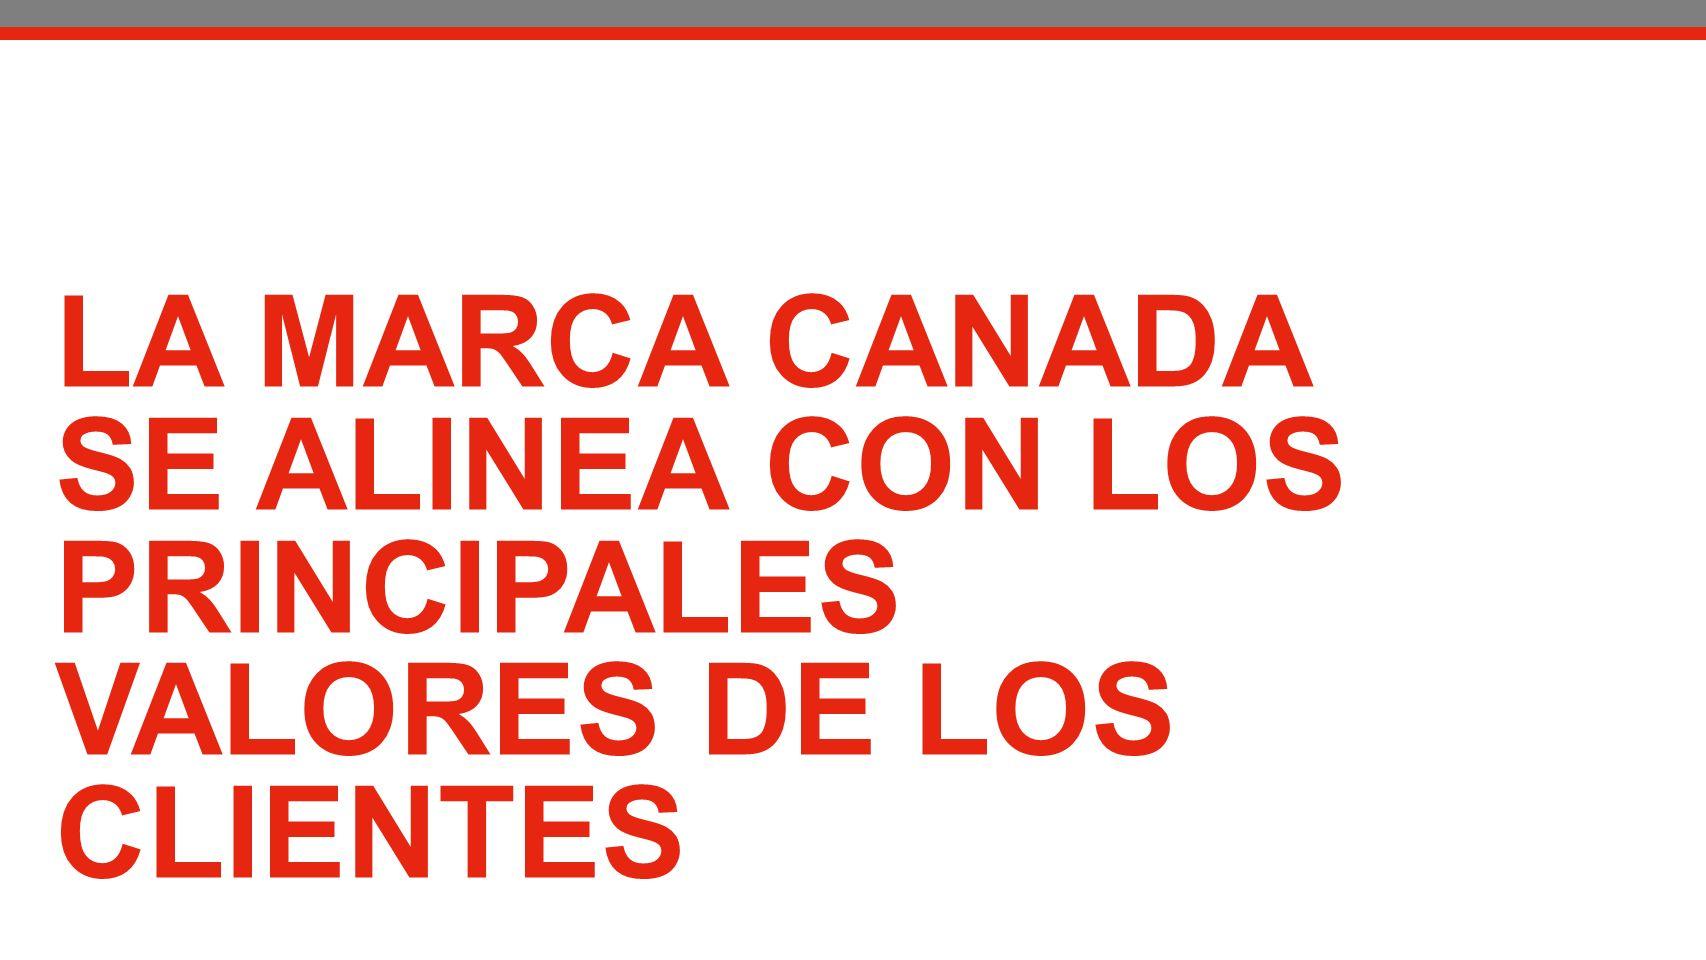 LA MARCA CANADA SE ALINEA CON LOS PRINCIPALES VALORES DE LOS CLIENTES